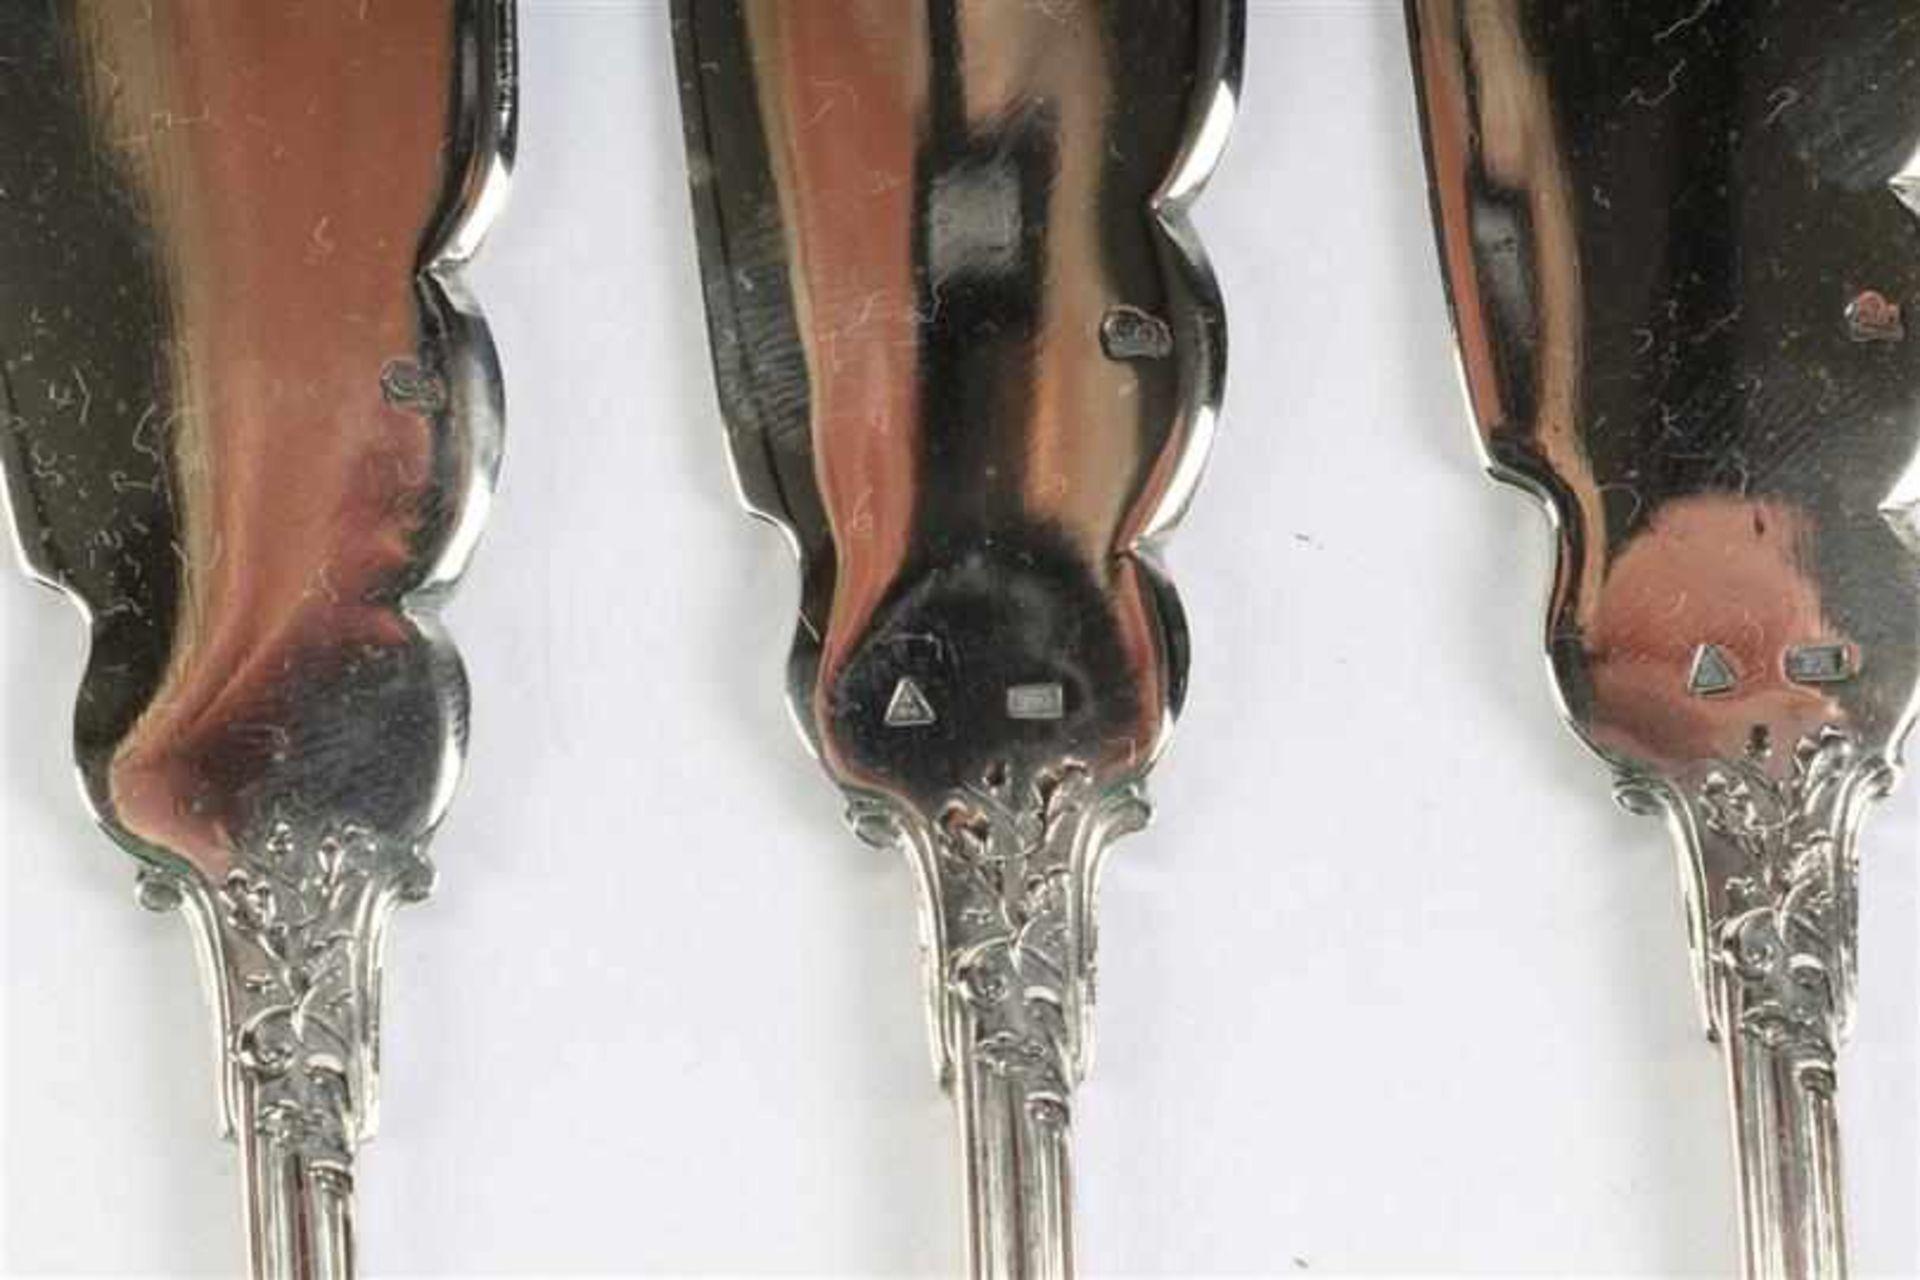 Zes viscouverts, gemerkt 800, Wolfers Brussel. Gewicht: 690 g. - Bild 3 aus 8